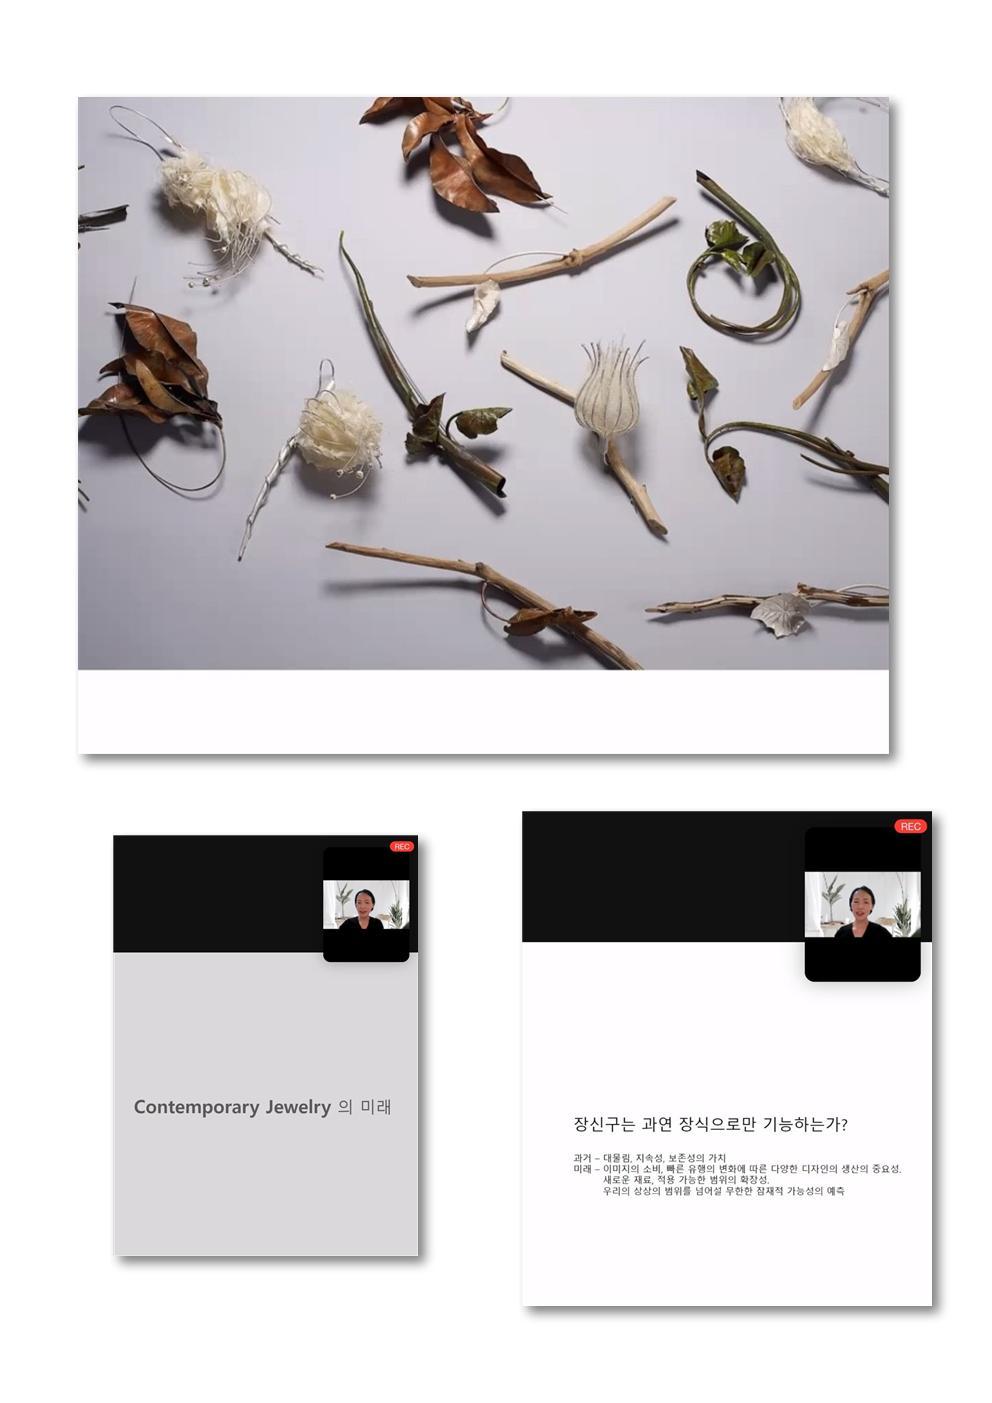 2회 워크숍_한국 현대 장신구 교육_신혜정 학술교육위원장003.jpg